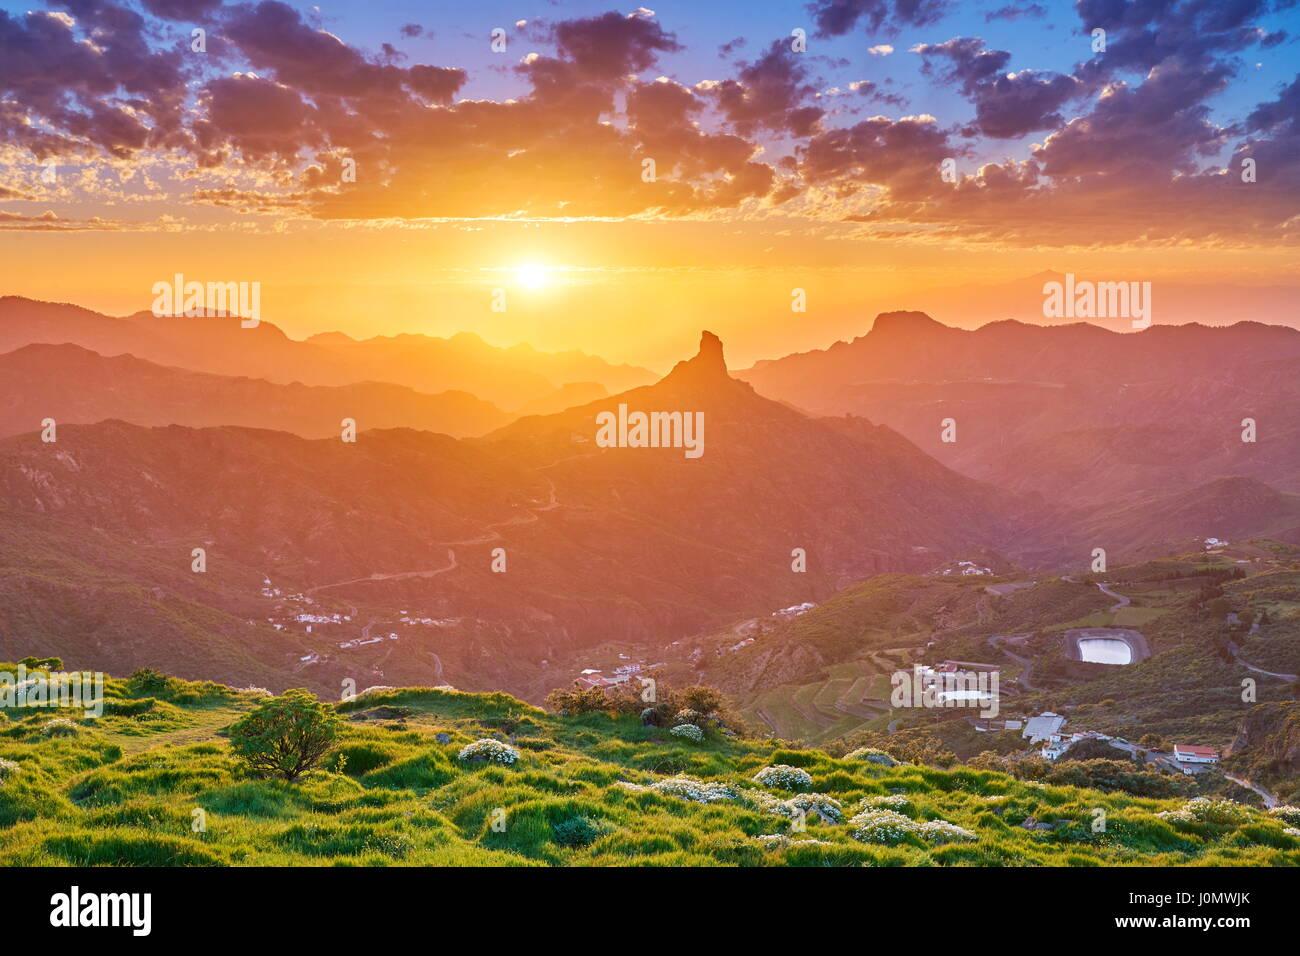 Sonnenuntergang Berglandschaft am Roque Bentayga, Gran Canaria, Kanarische Inseln, Spanien Stockbild